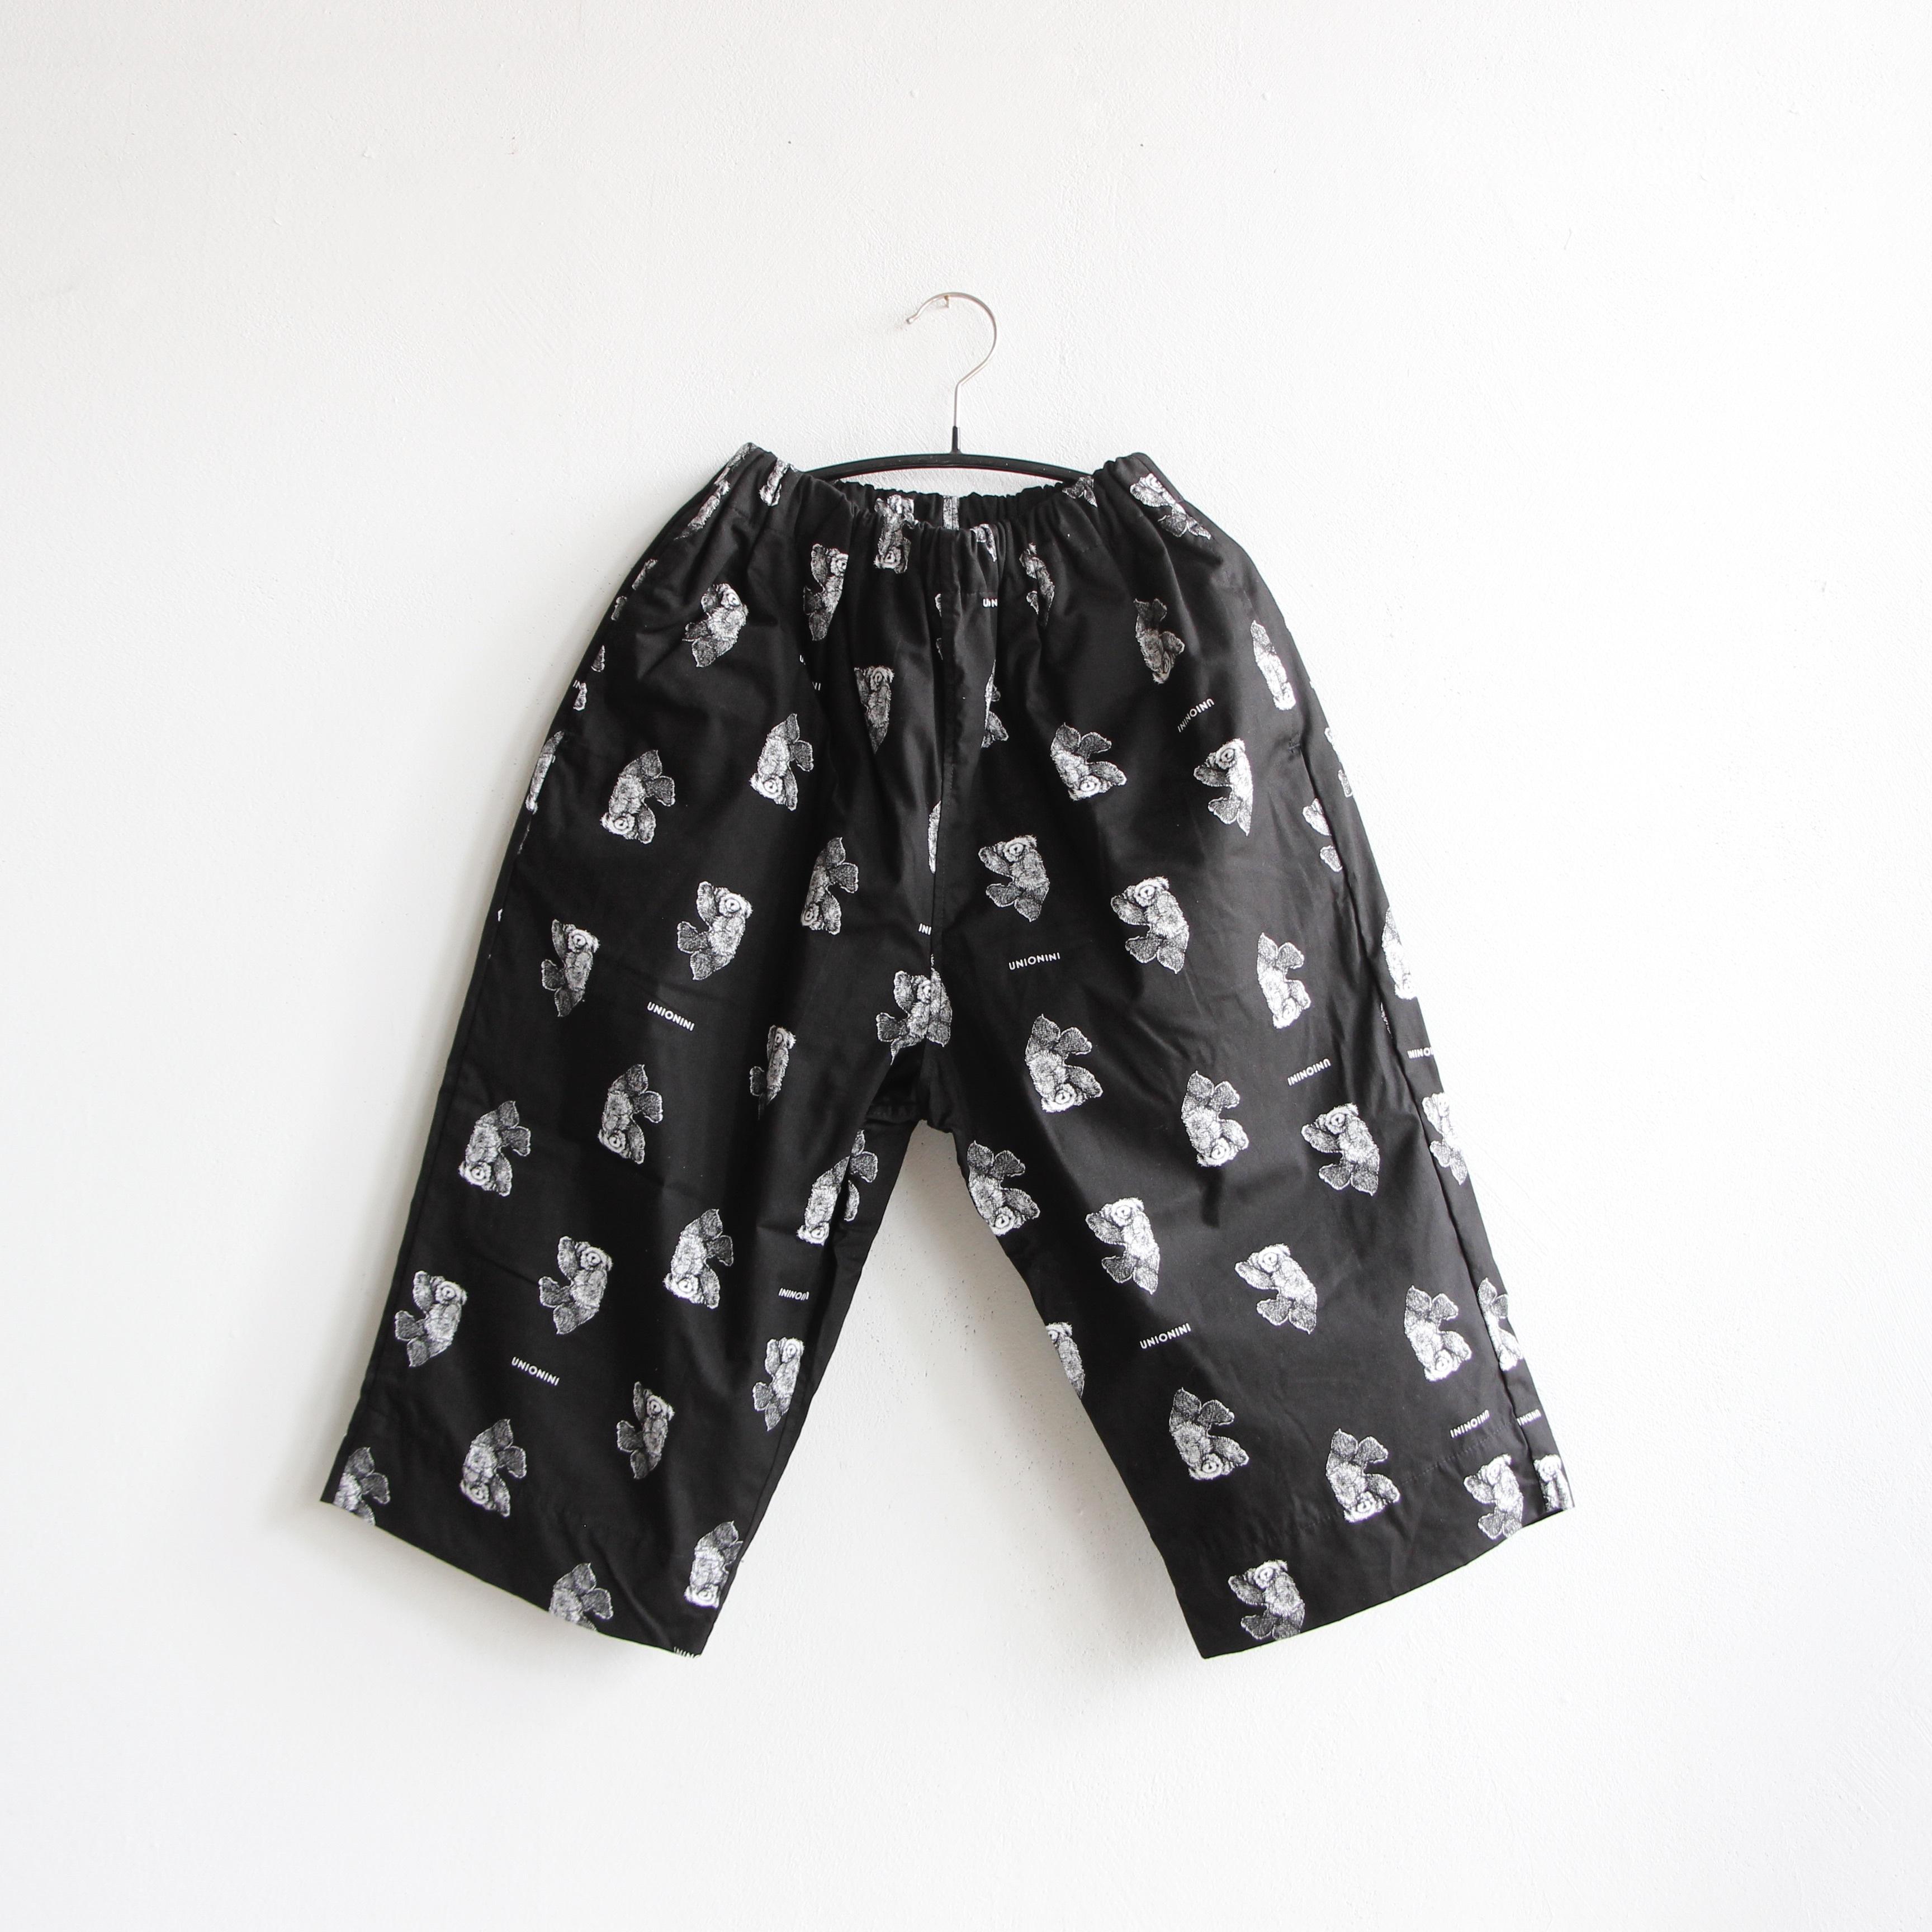 《UNIONINI 2020AW》teddybear long pants / black / 2-12Y